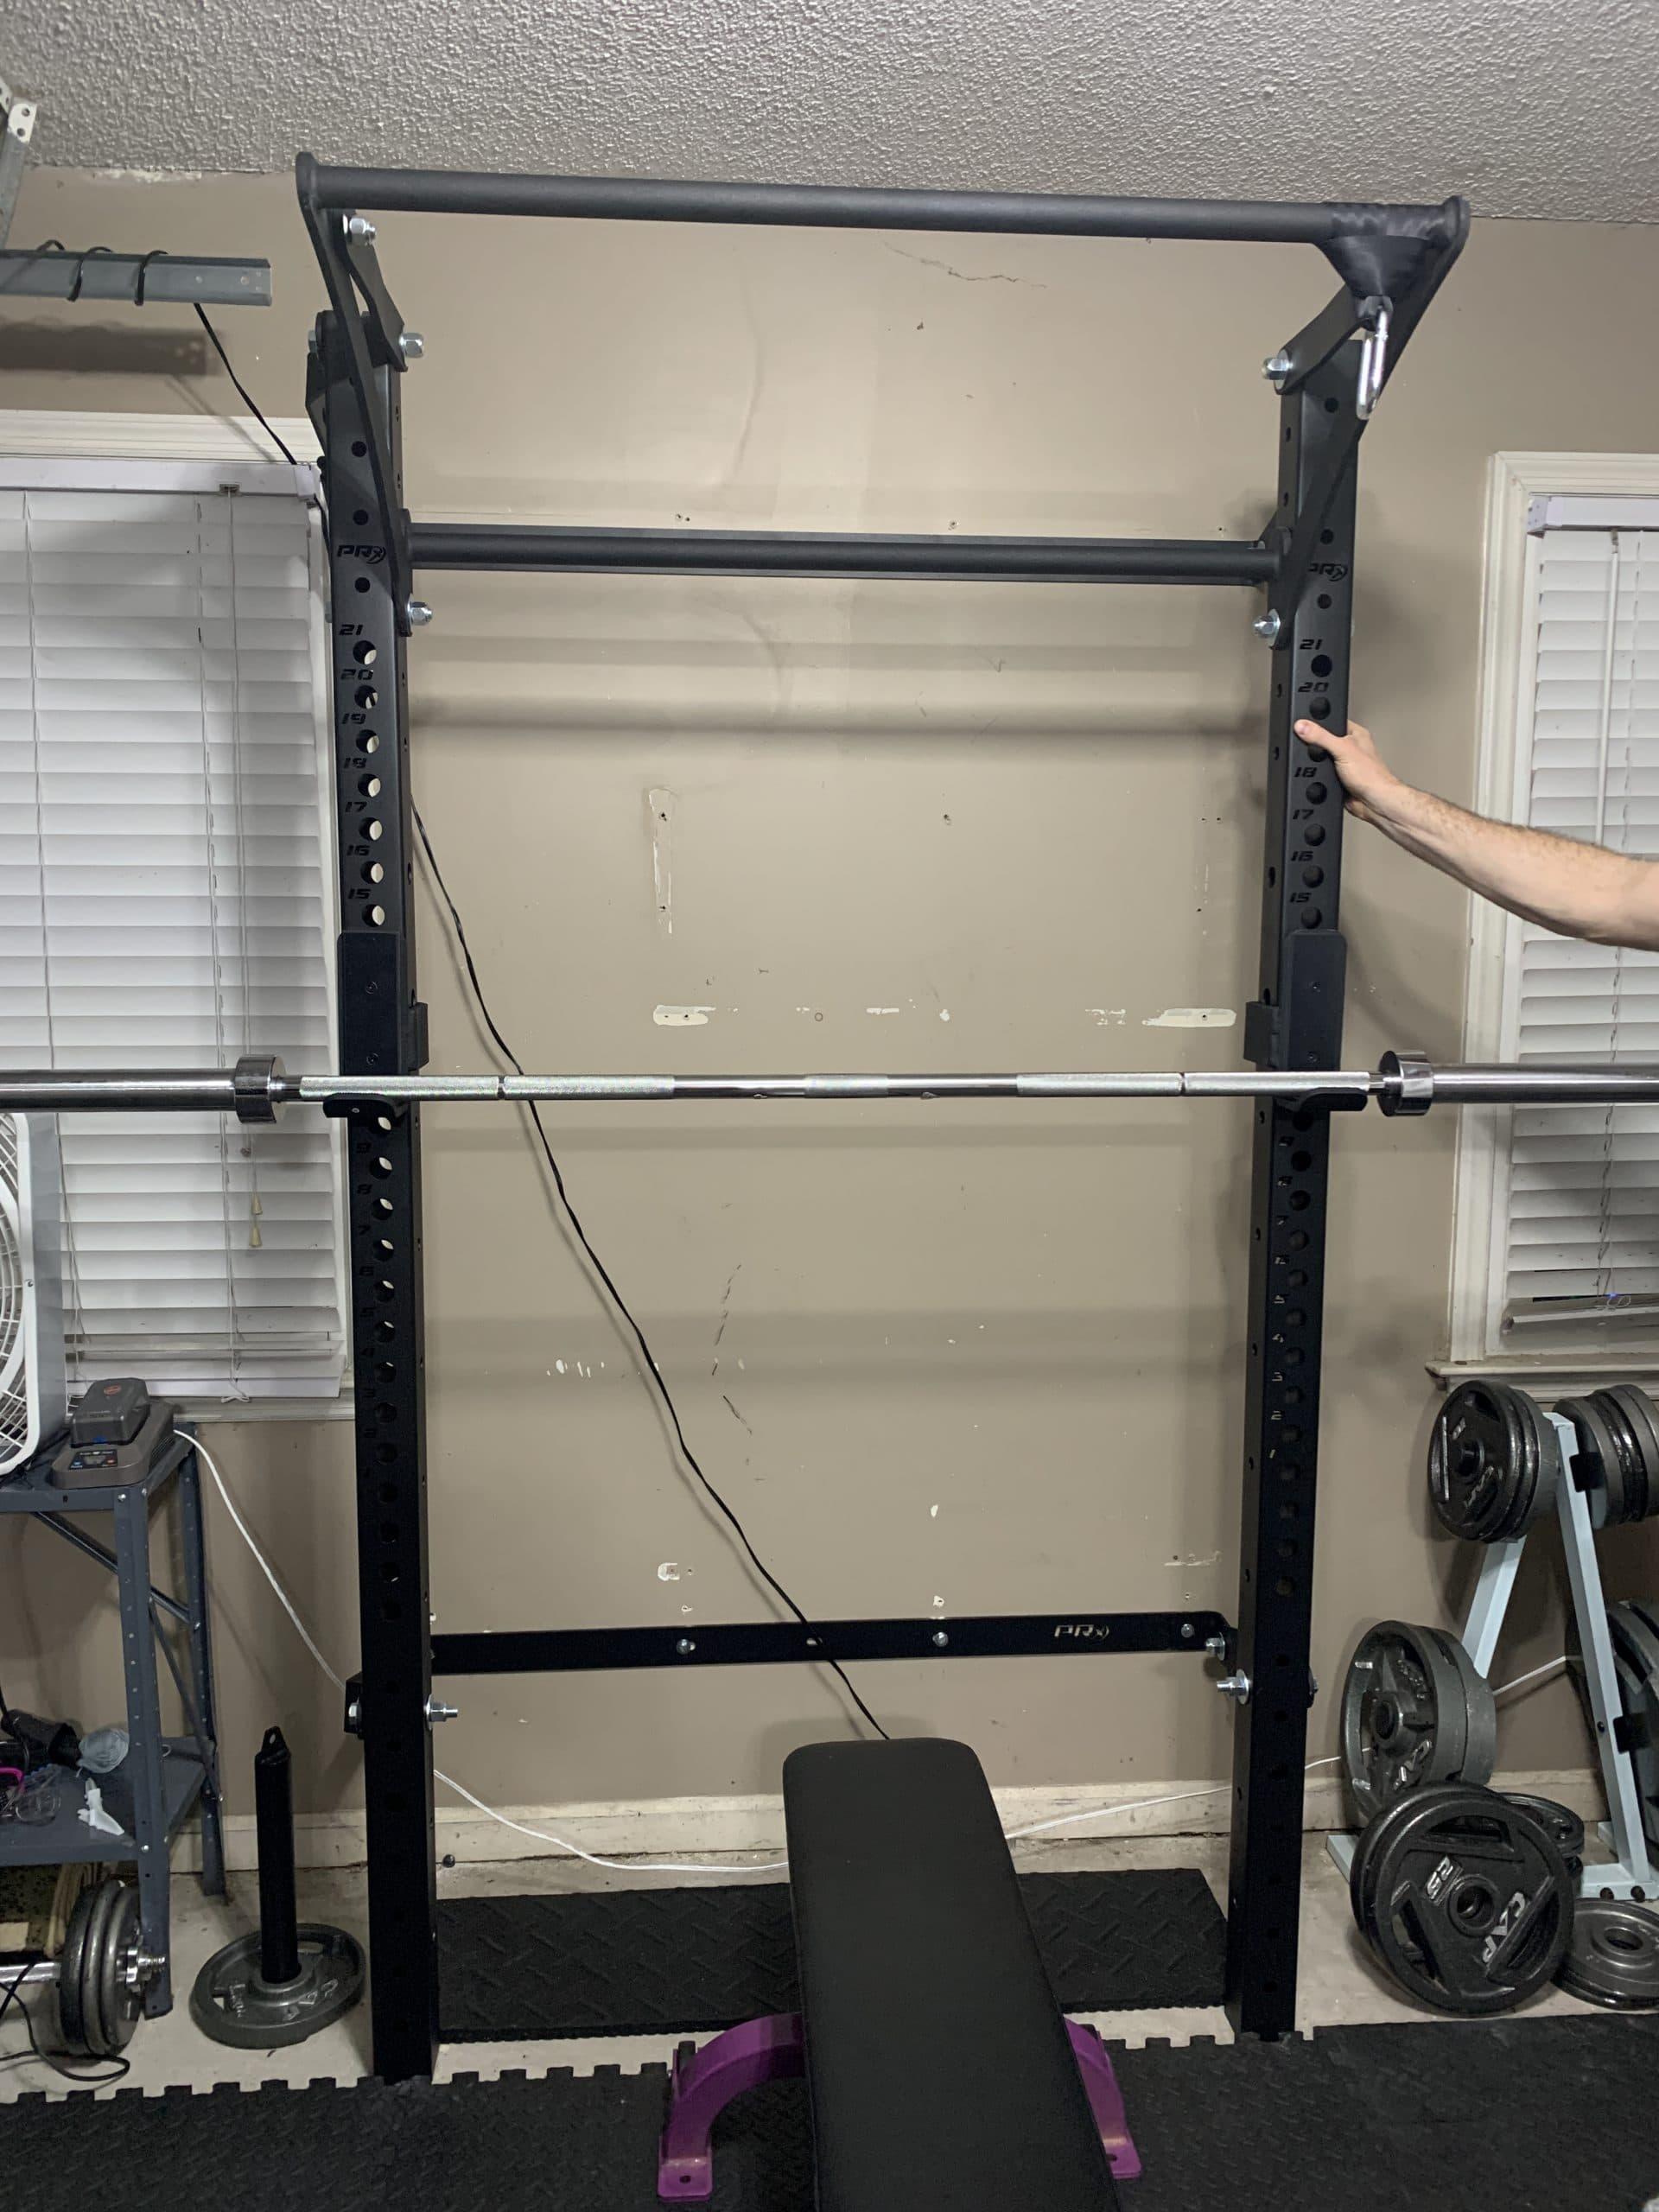 PRX pro rack installed in garage